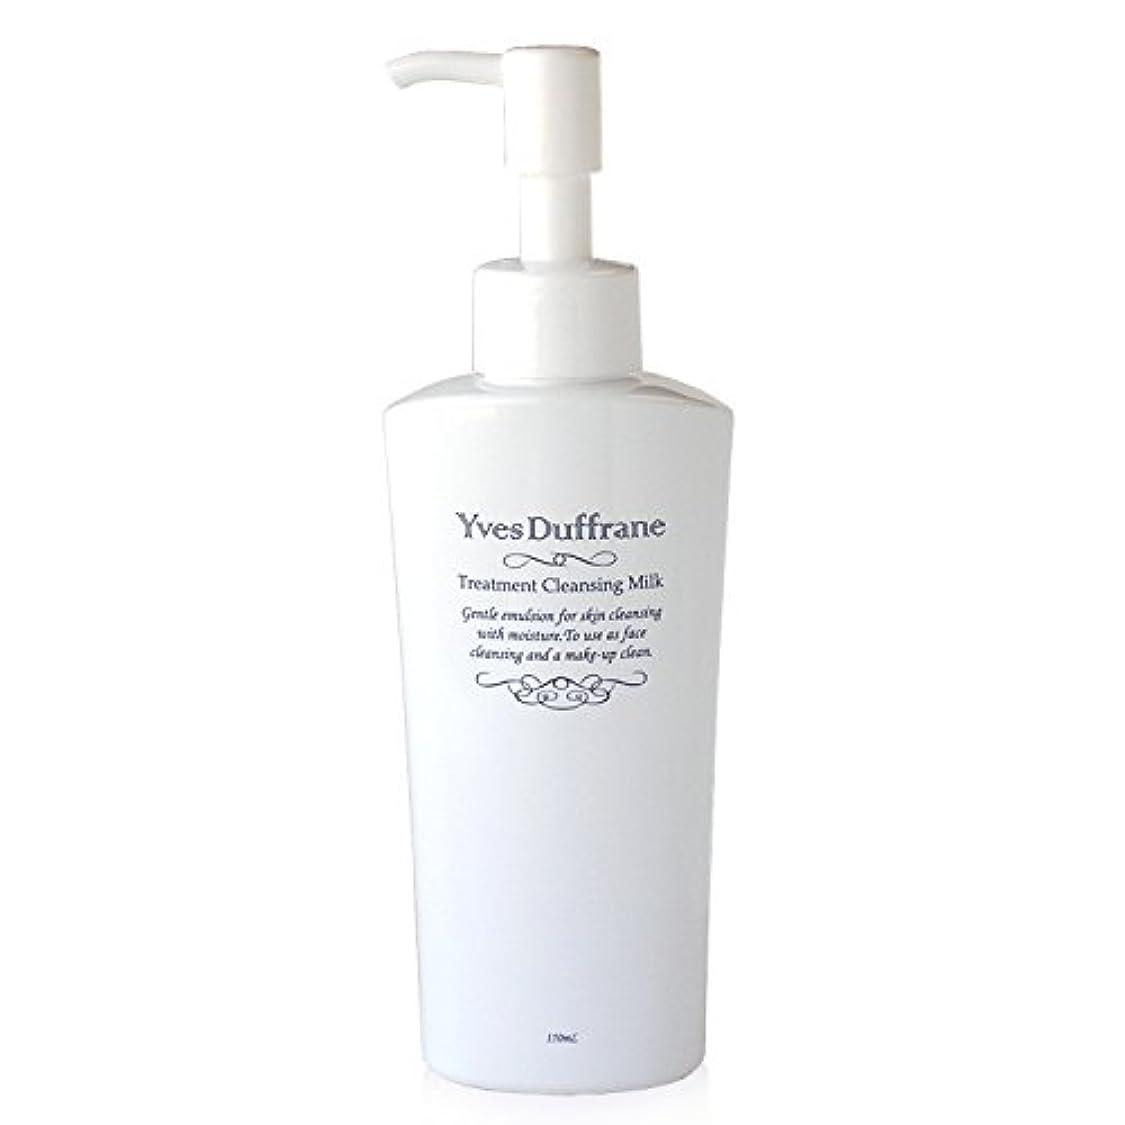 反抗神経衰弱シンククレンジングミルク W洗顔不要 [ セラミド 配合 トリートメント クレンジング ミルク ] 毛穴 敏感 乾燥肌